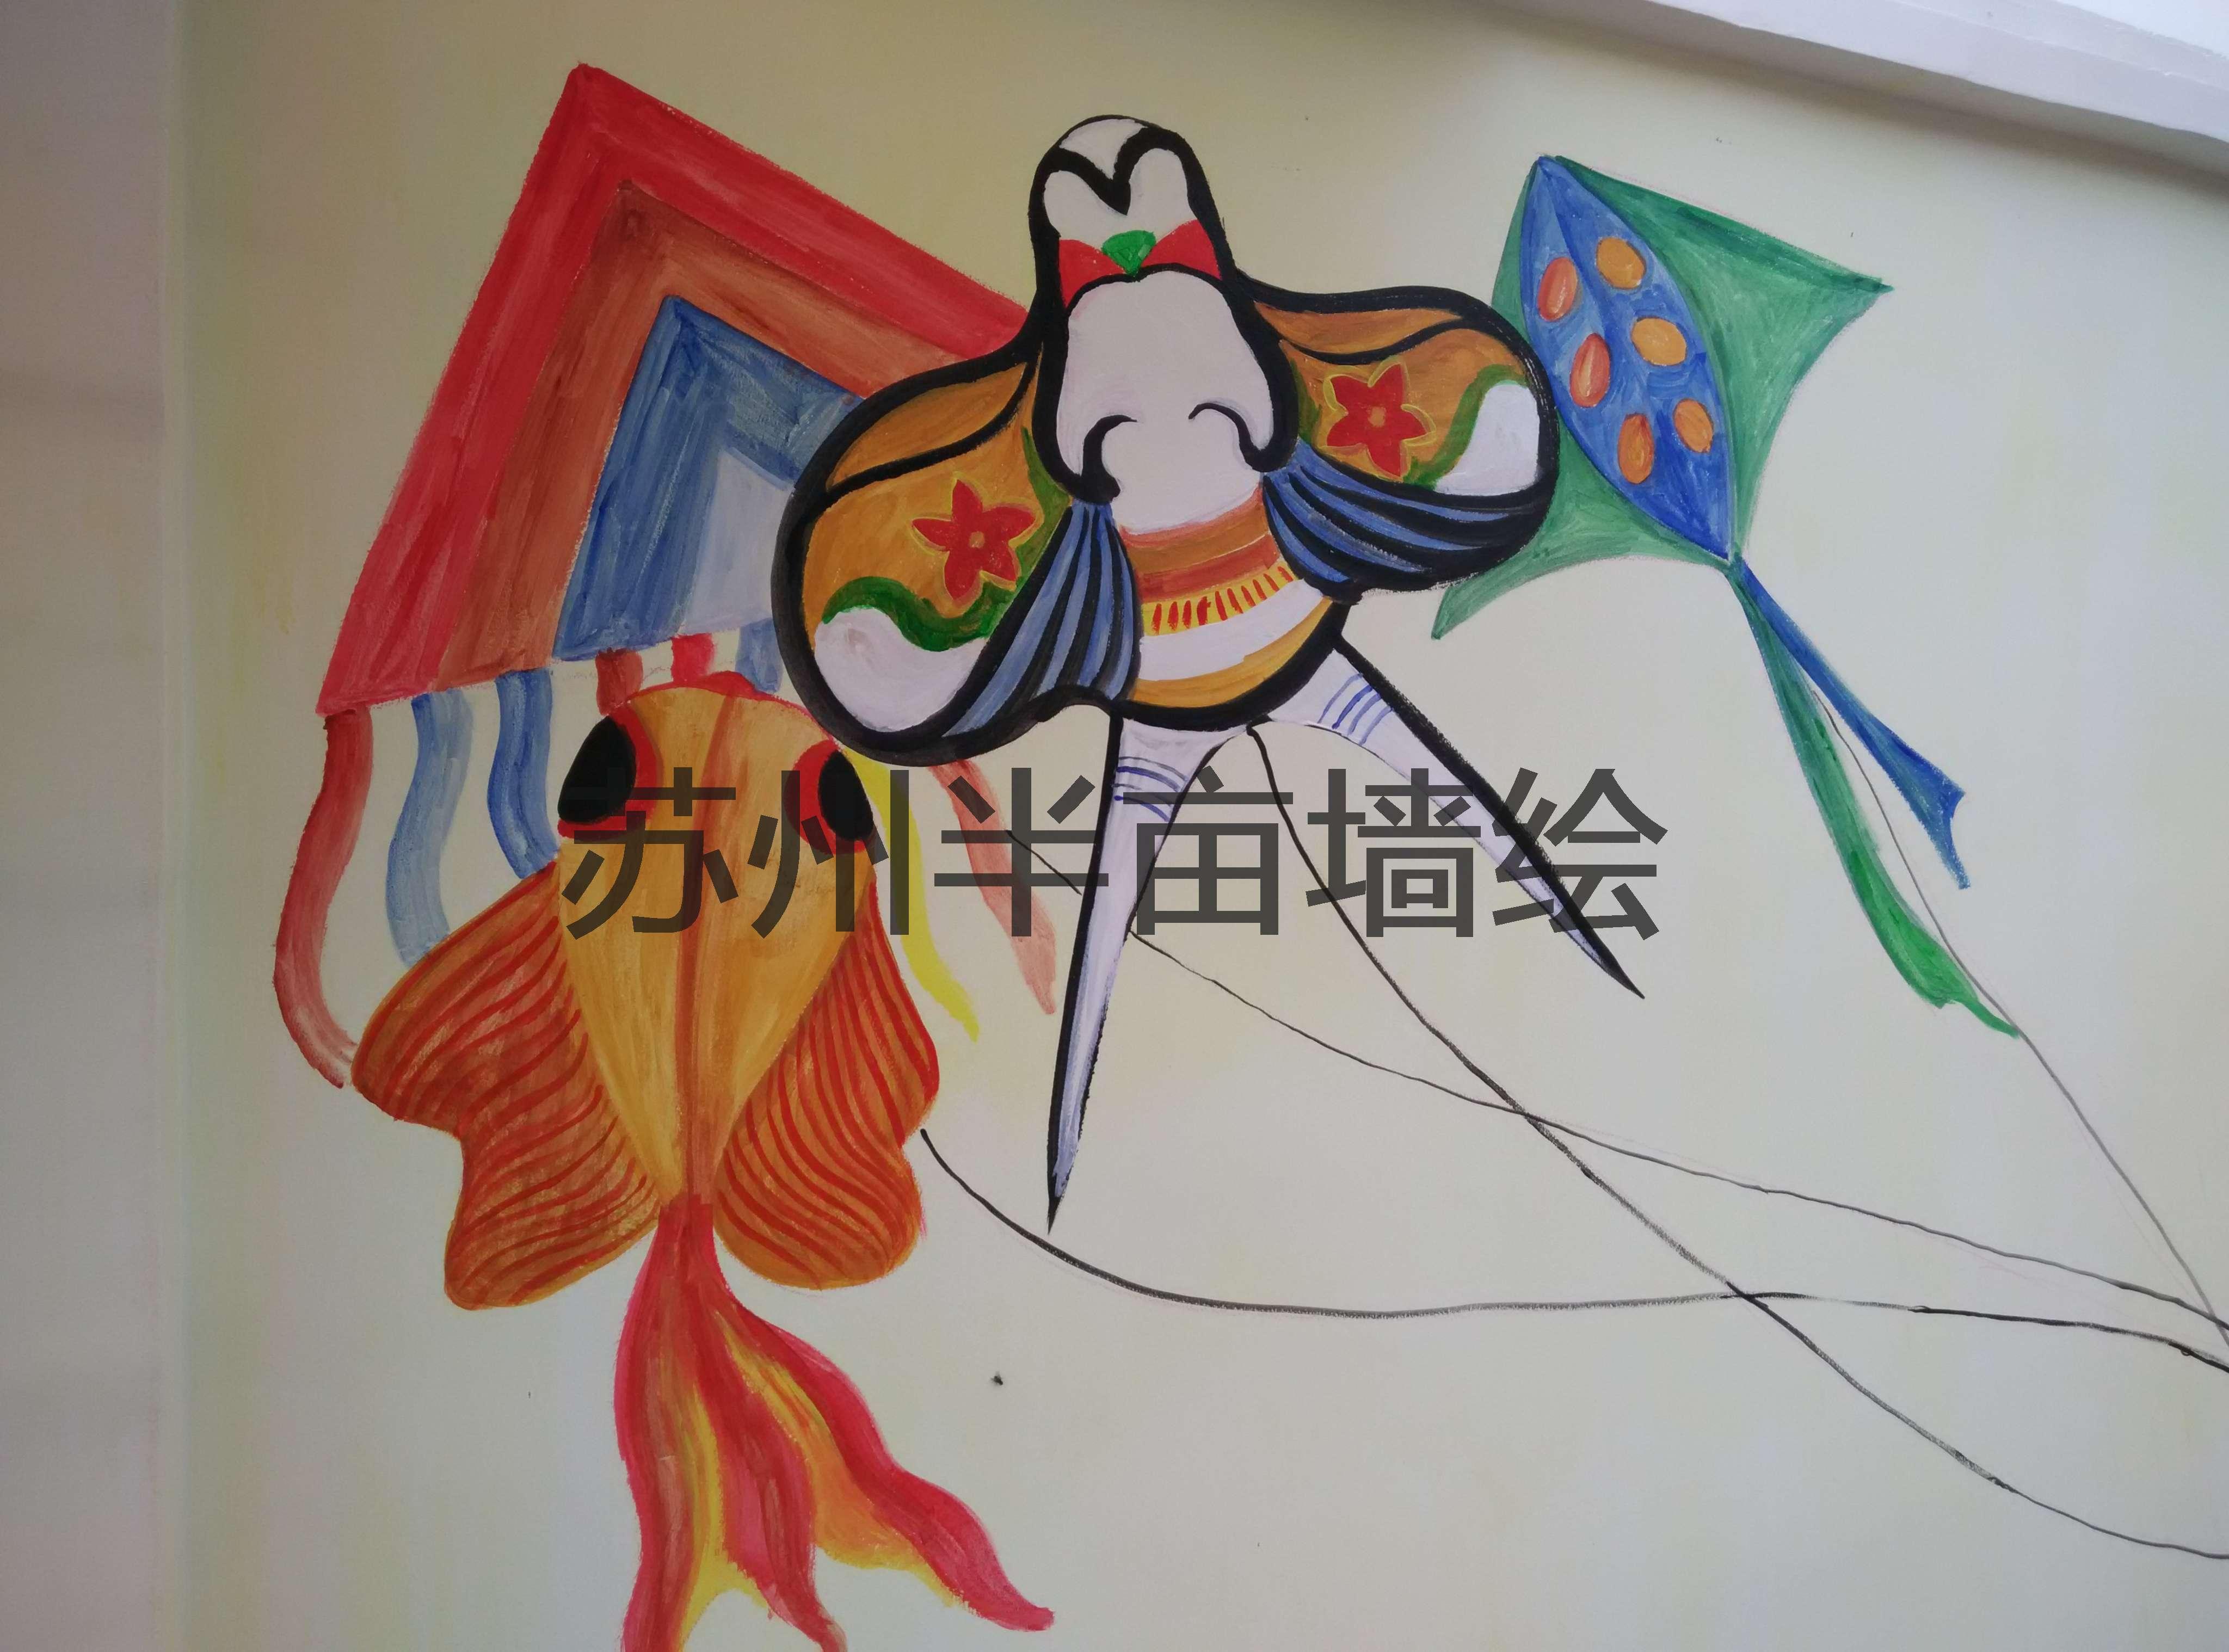 剪纸类墙绘,苏州手绘墙插画